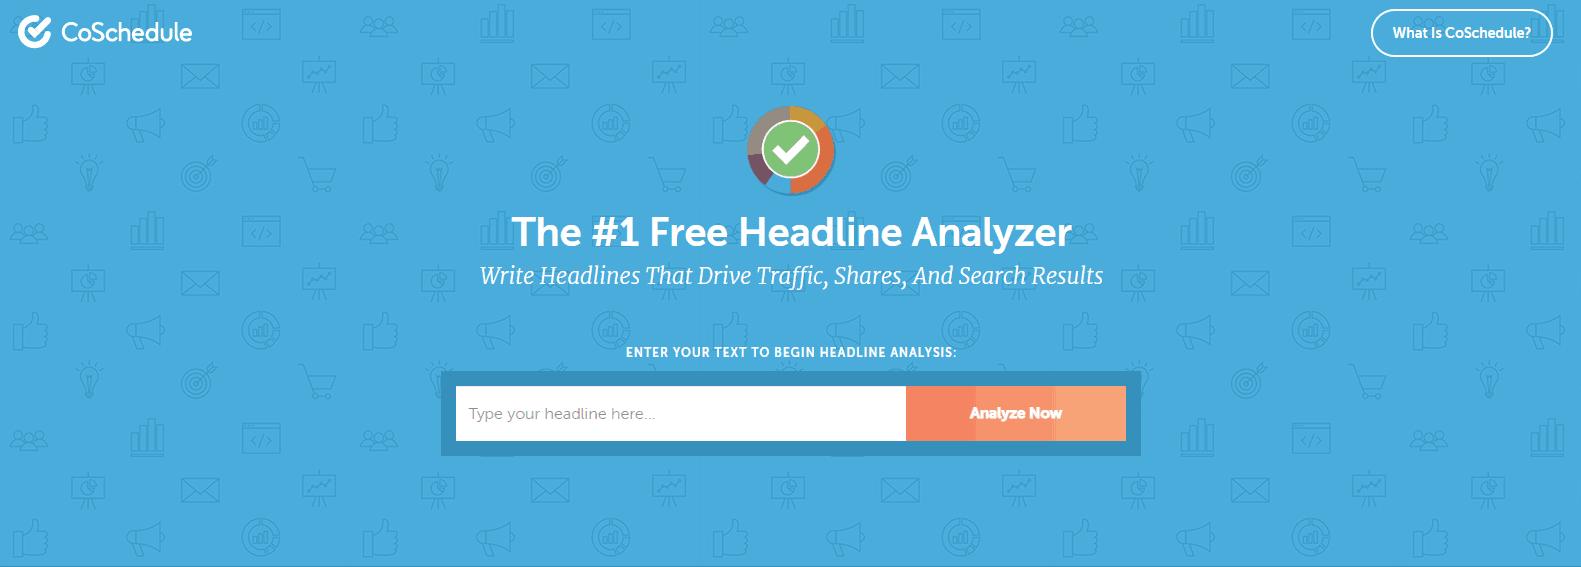 51 best ways - content creation - headline analyzer